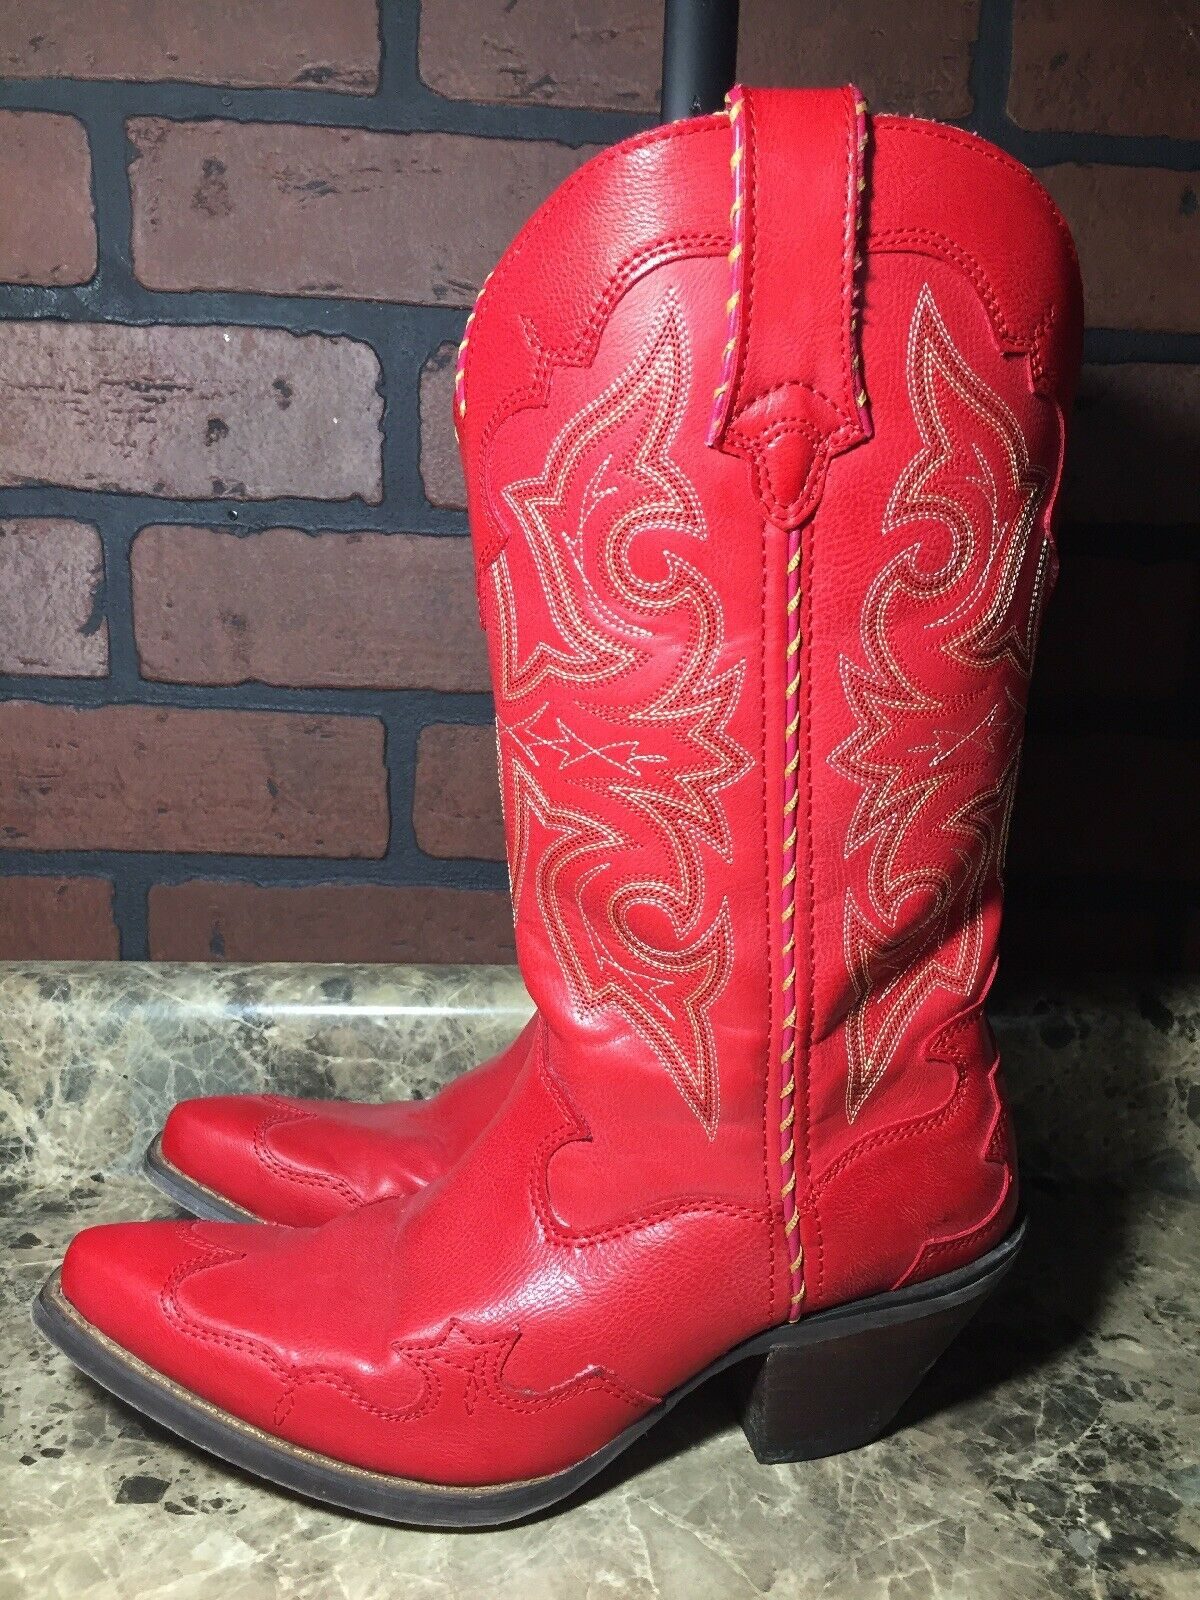 Durango pour Femme en Cuir Bottes Cowboy Rouge Taille 6.5 excellent état utilisé sexy